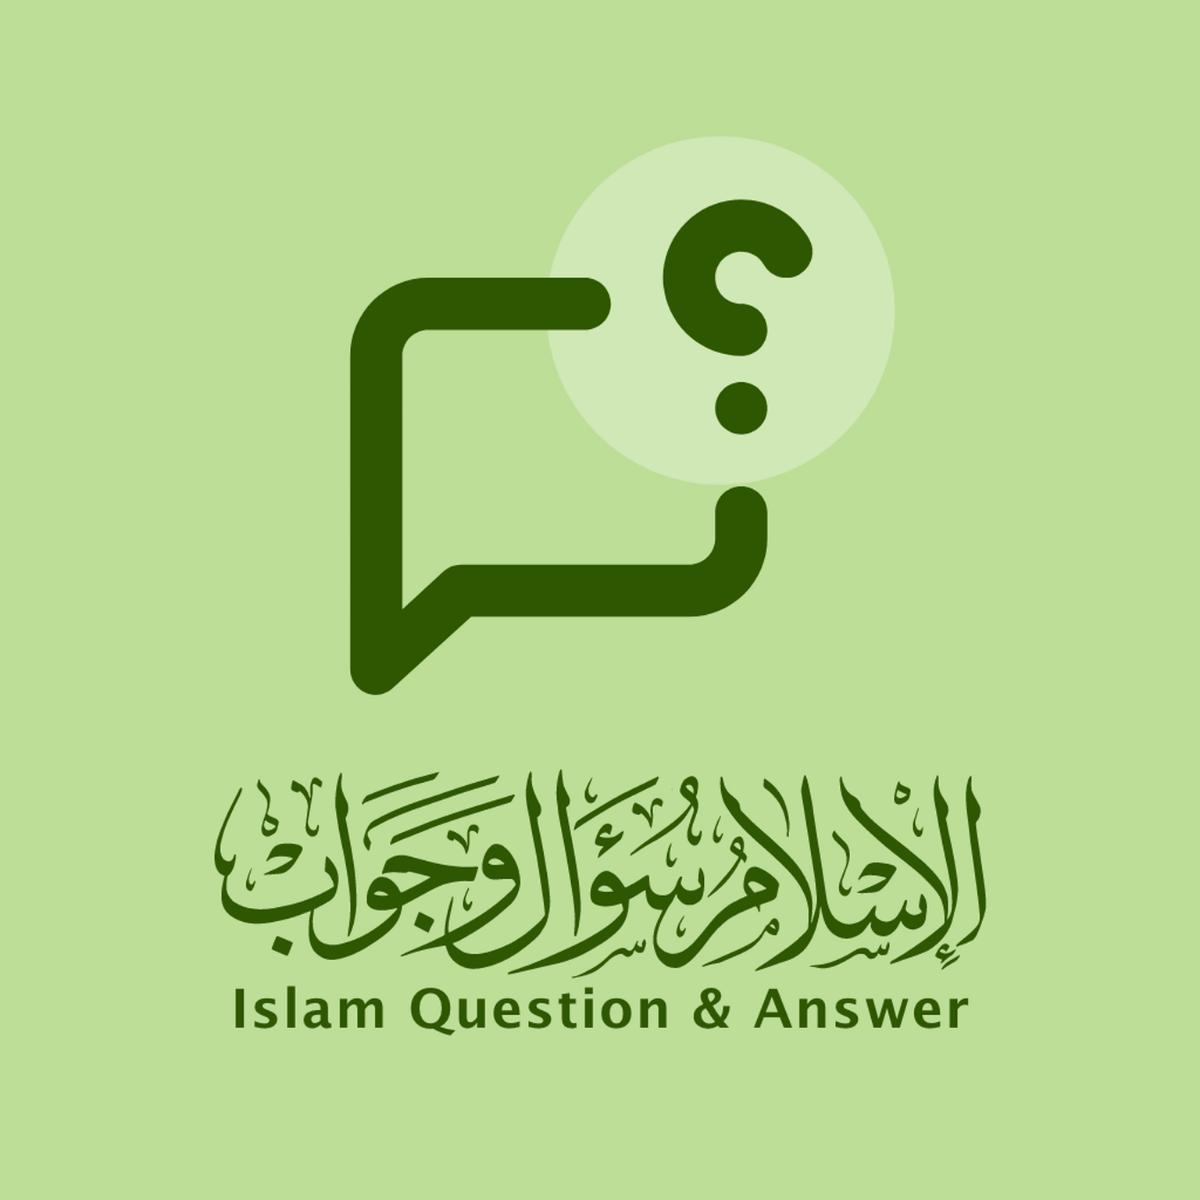 islamqa.info